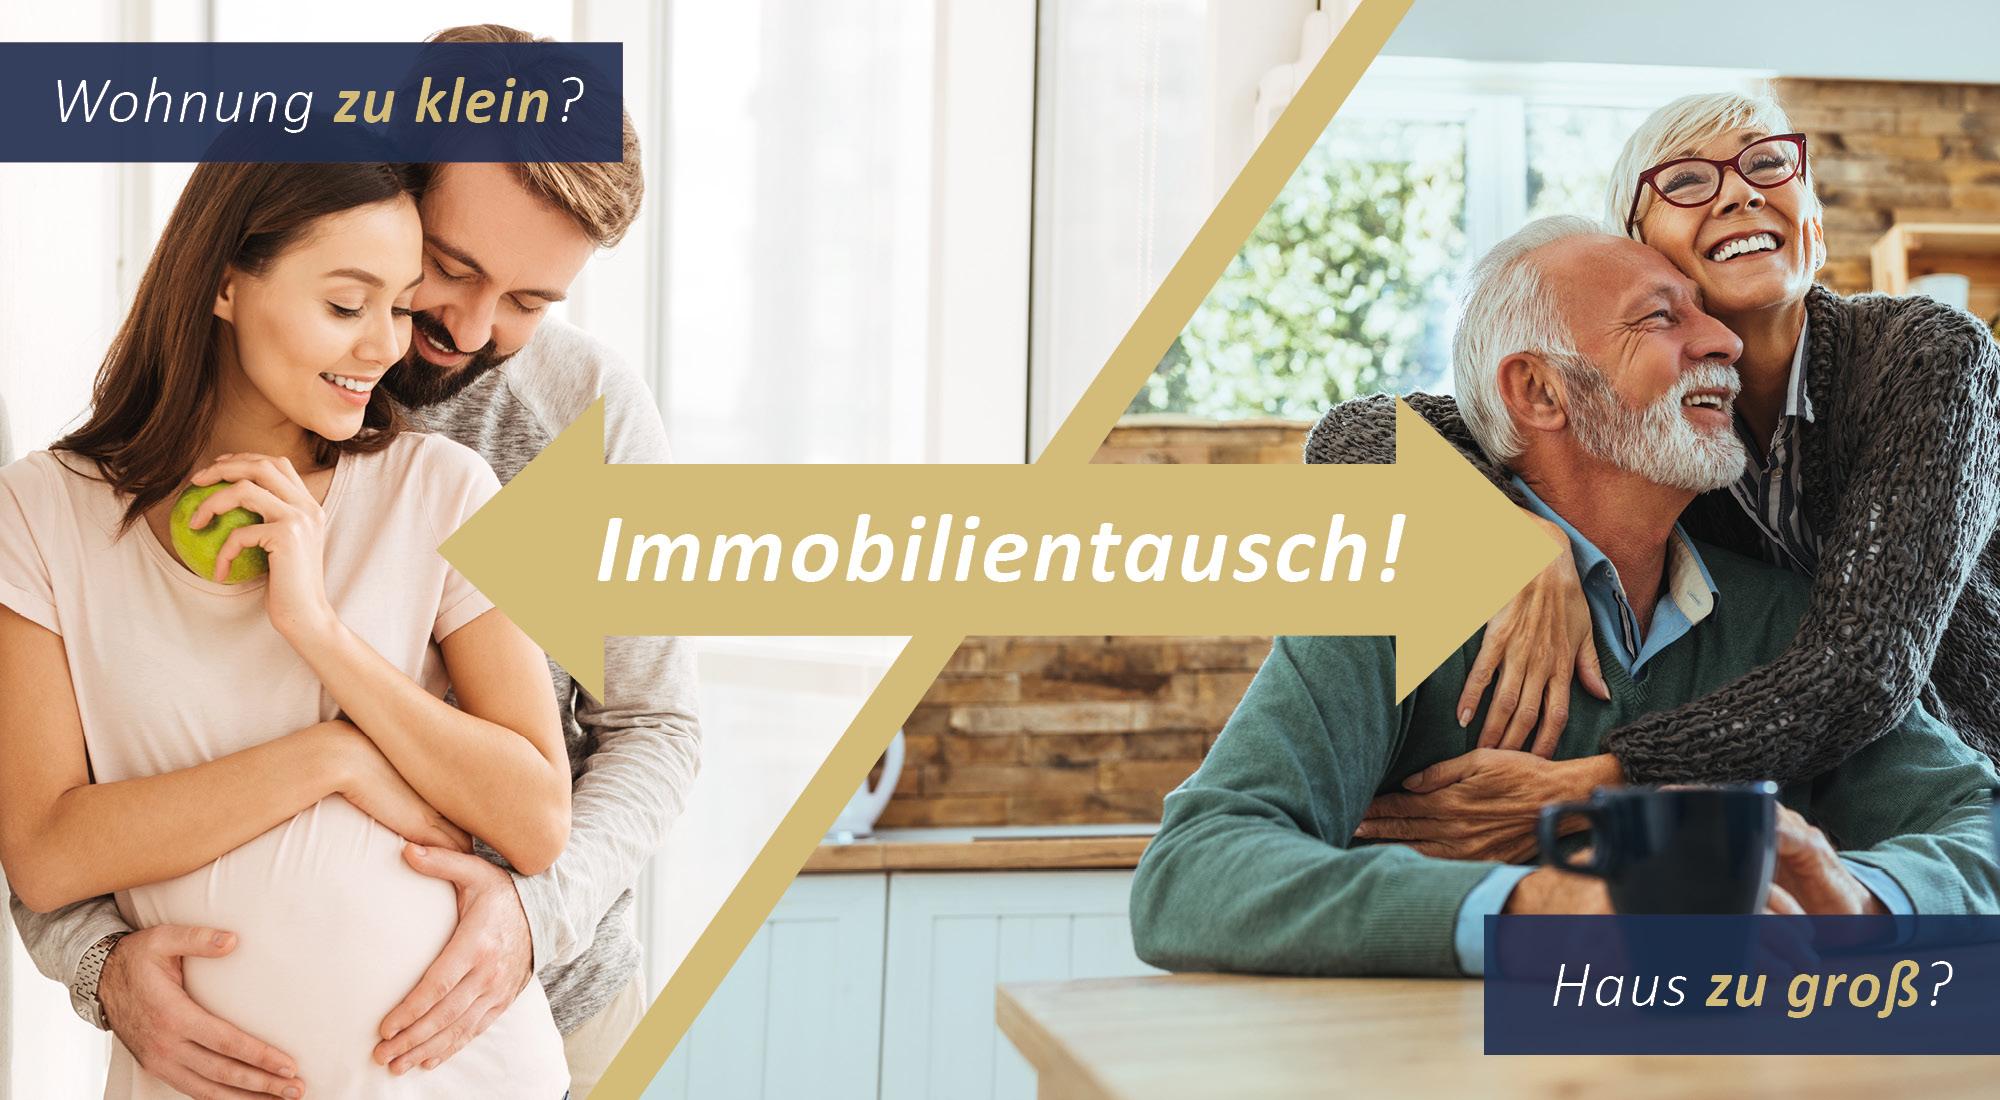 Immobilienmakler Düsseldorf_Linkbild Immobilientausch Haus zu groß - Wohnung zu klein